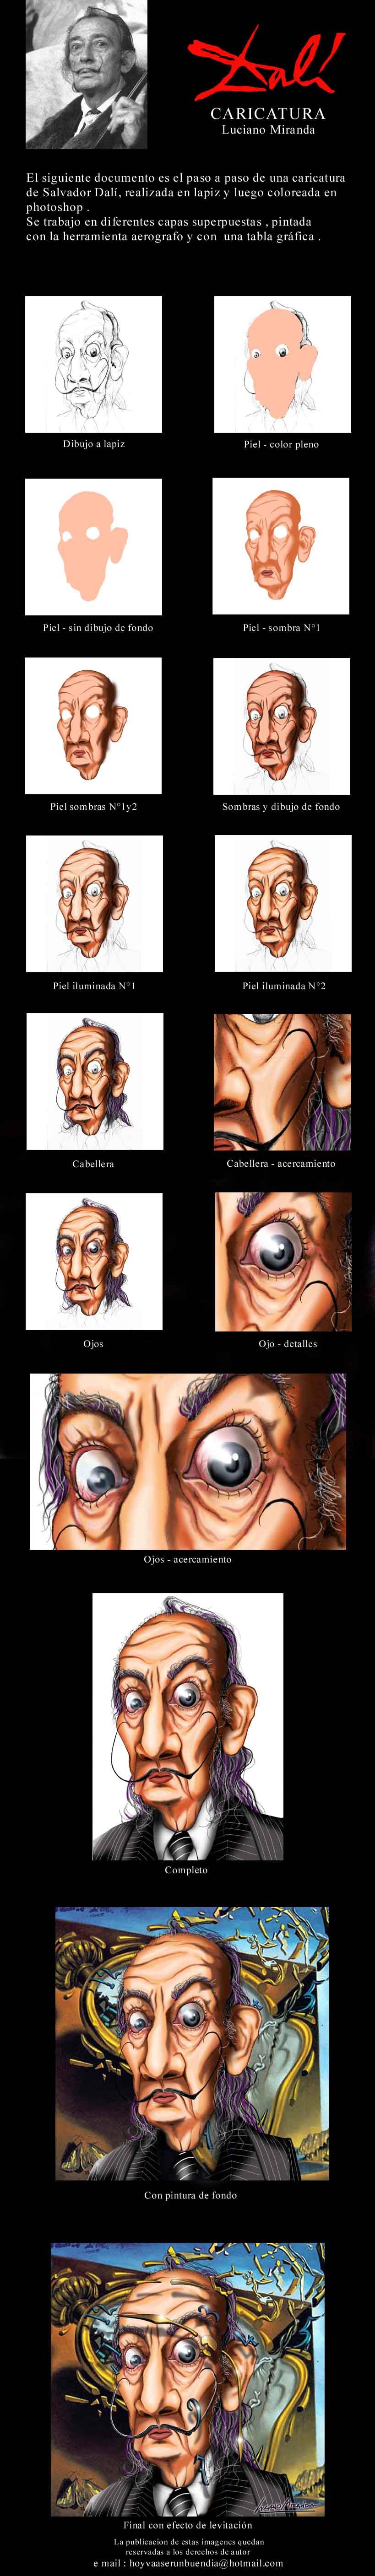 Caricatura Dalí. Liciano Miranda